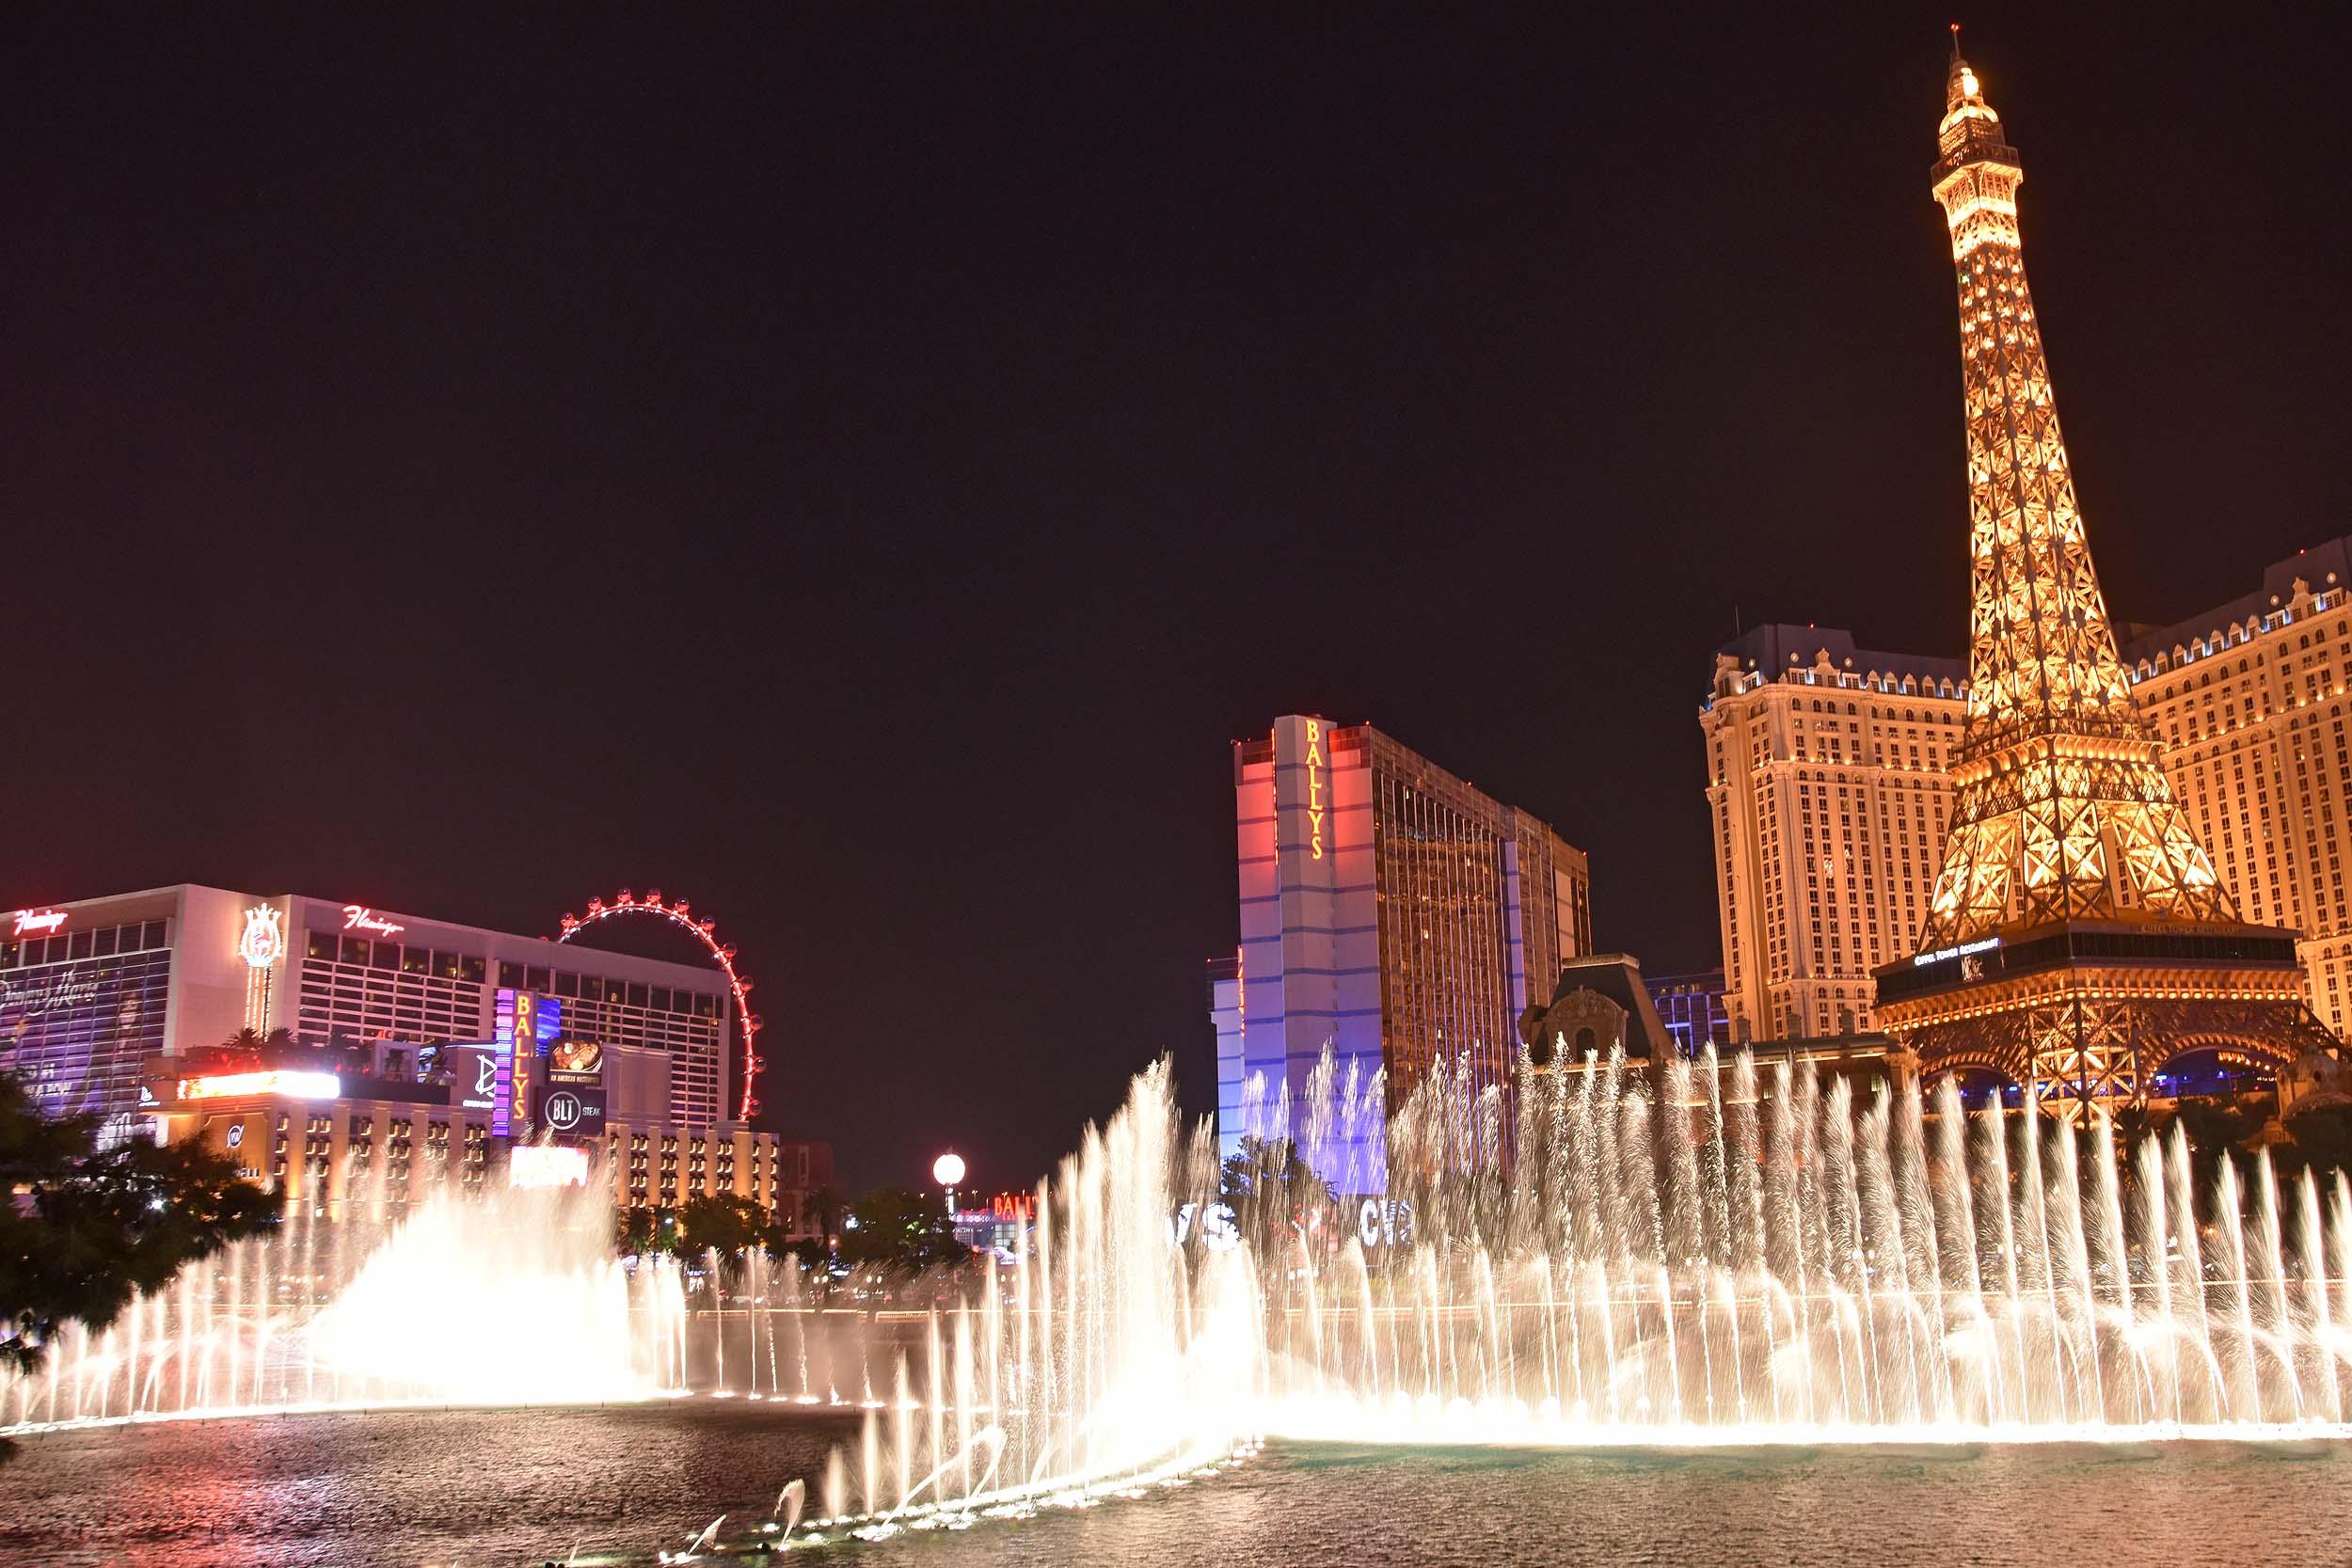 Wasserspiele vom Bellagio-Hotel